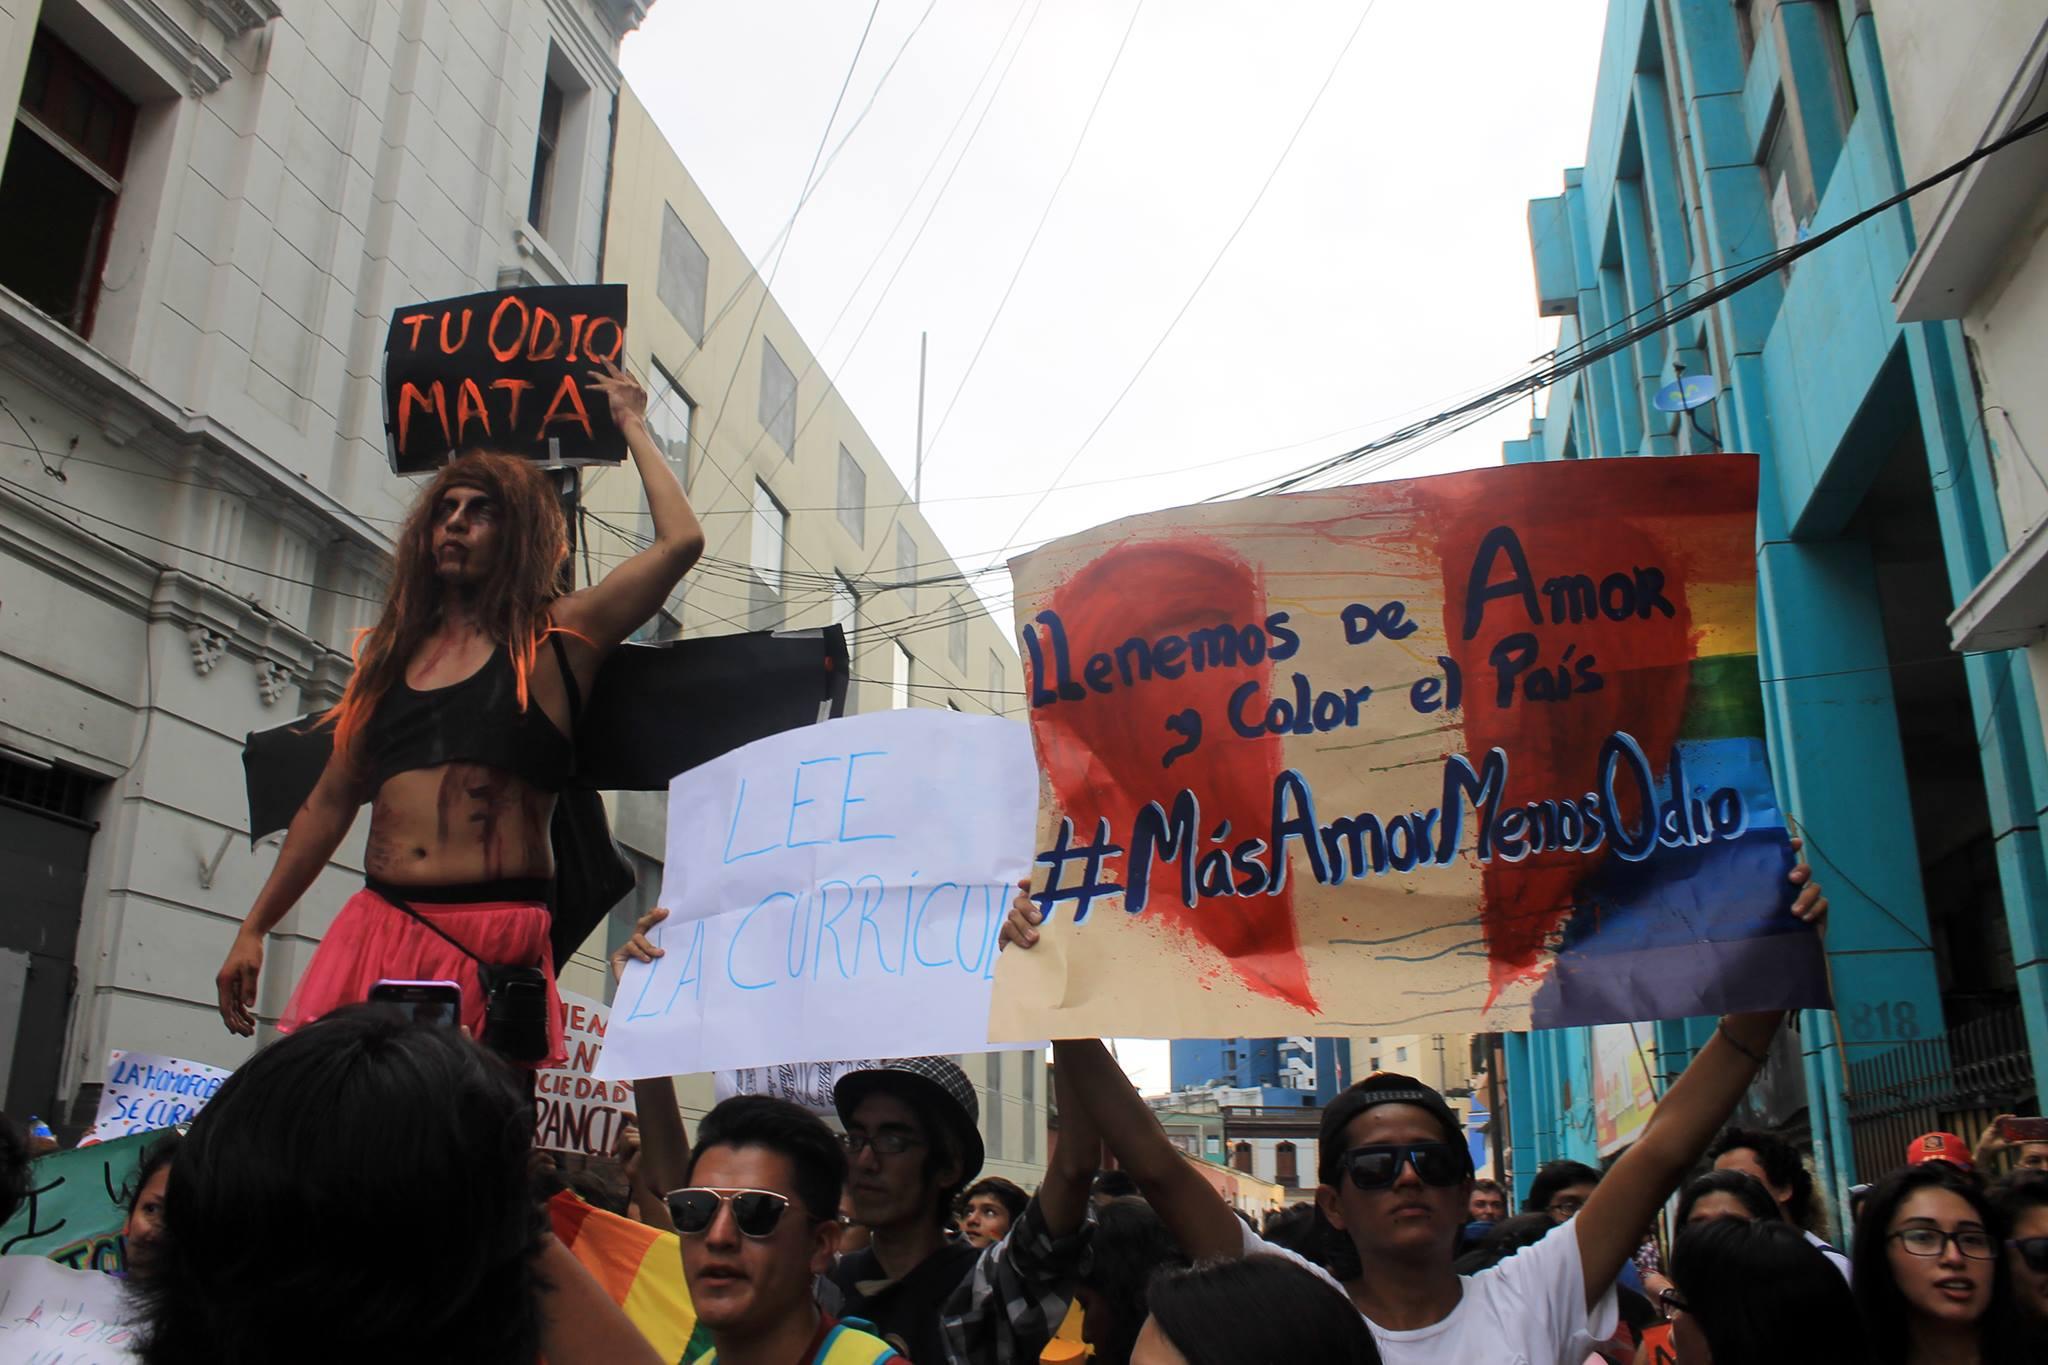 FOTOGALERÍA: Activistas LGTBIQ hacen frente a marcha homofóbica